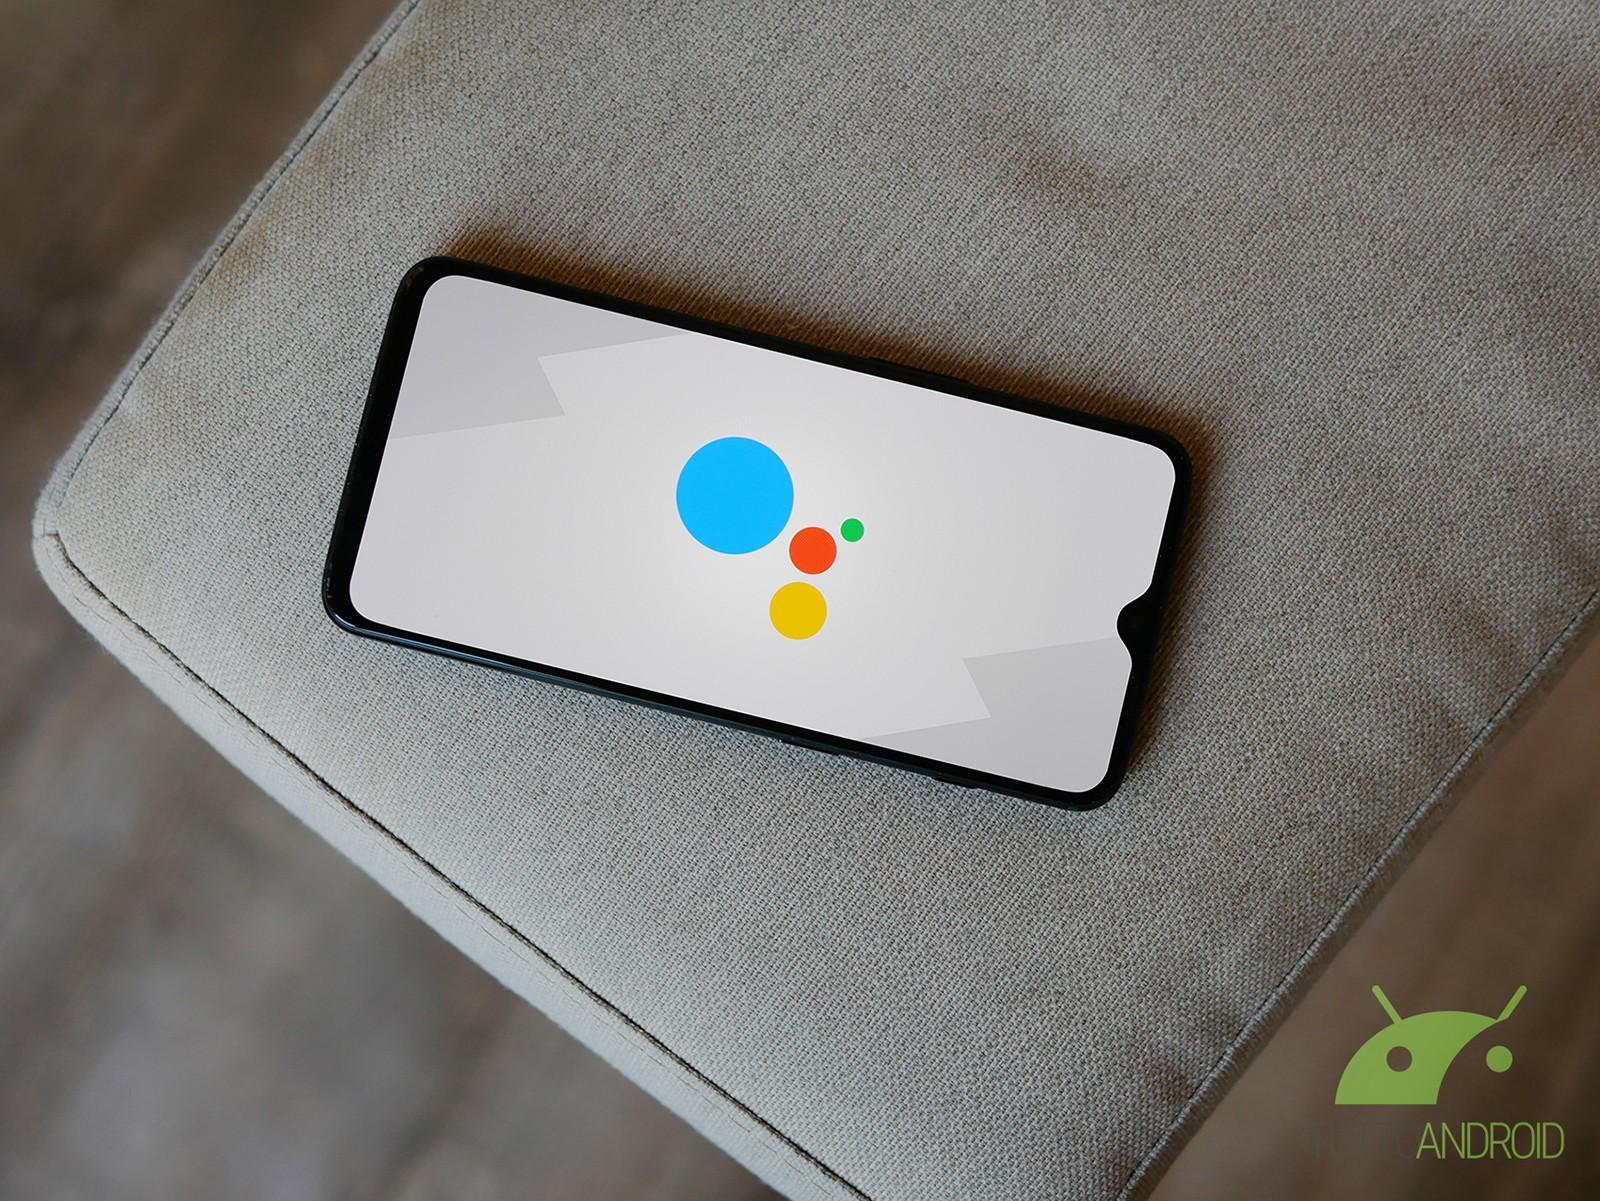 Arrivano queste nuove voci per le azioni di Google Assistant